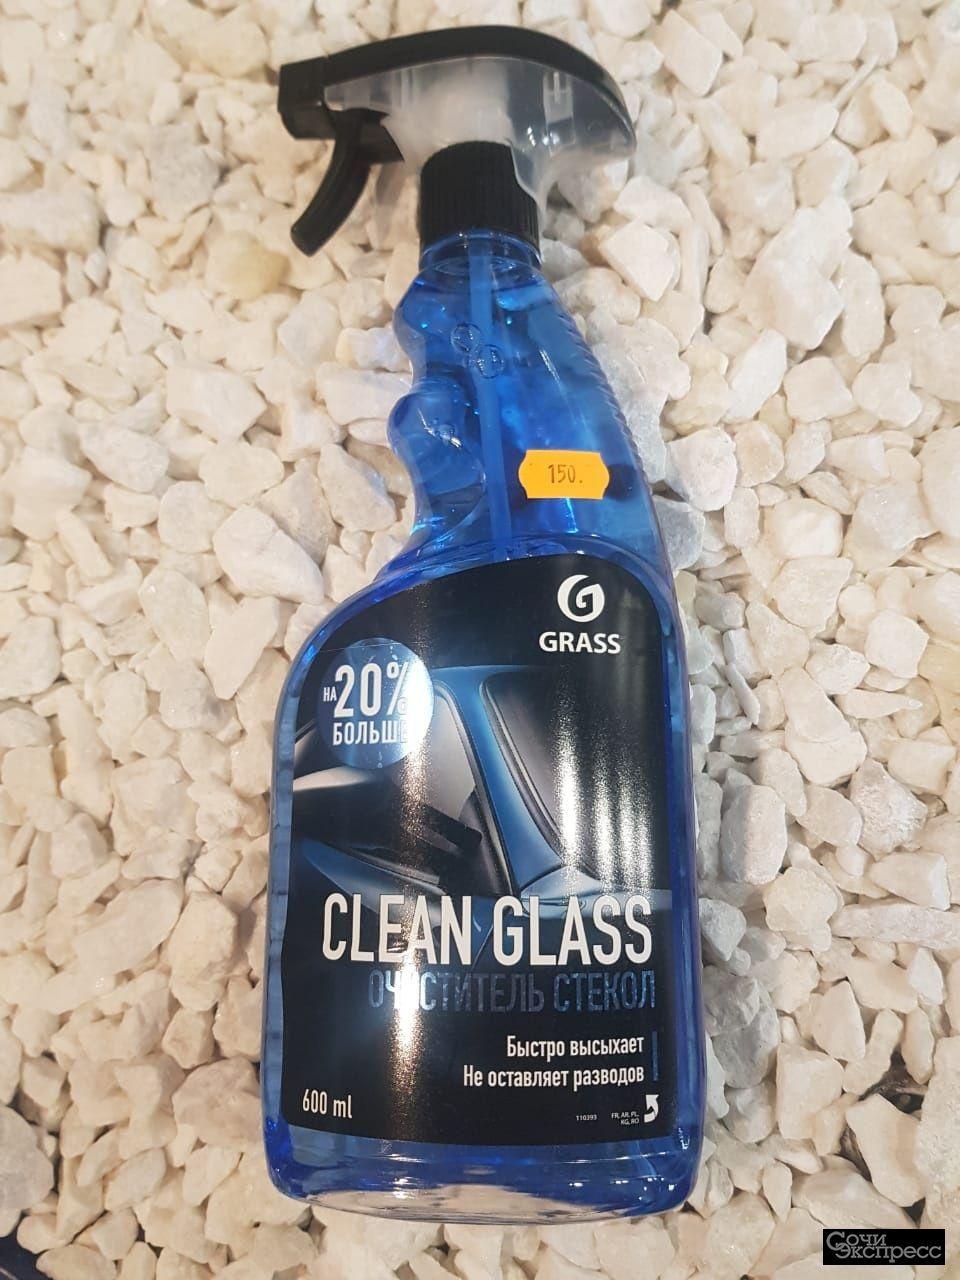 Набор очиститель стекол Grass